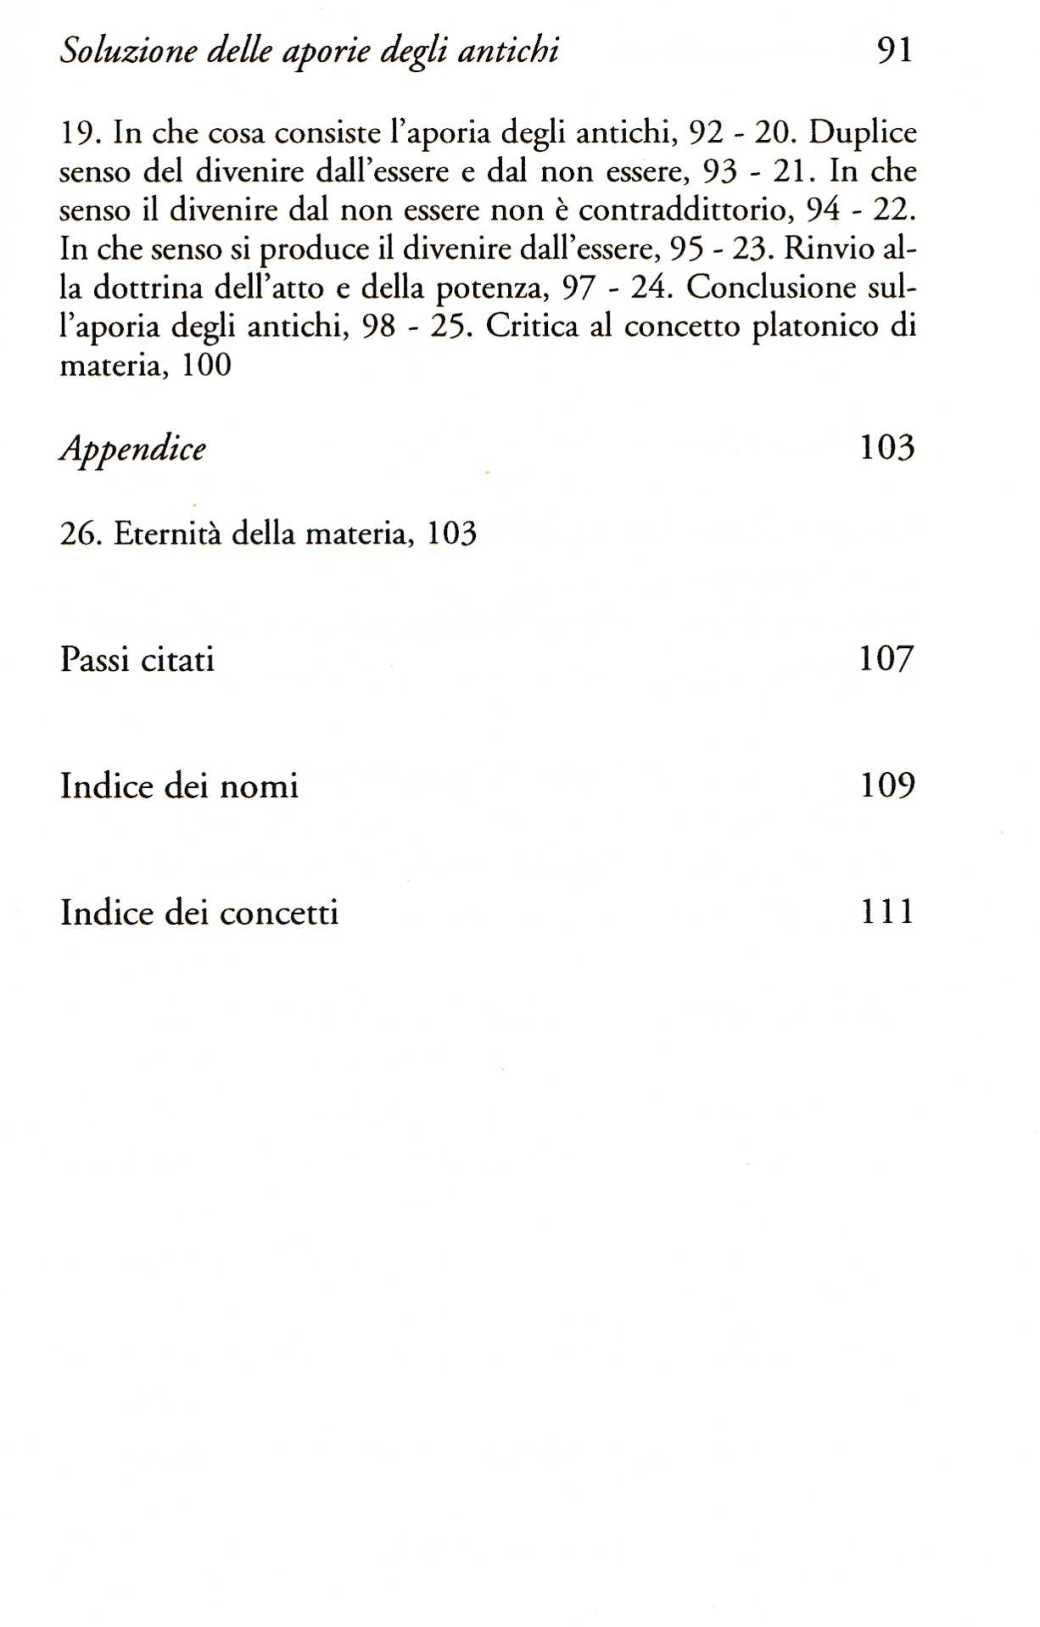 aristotele divenire191